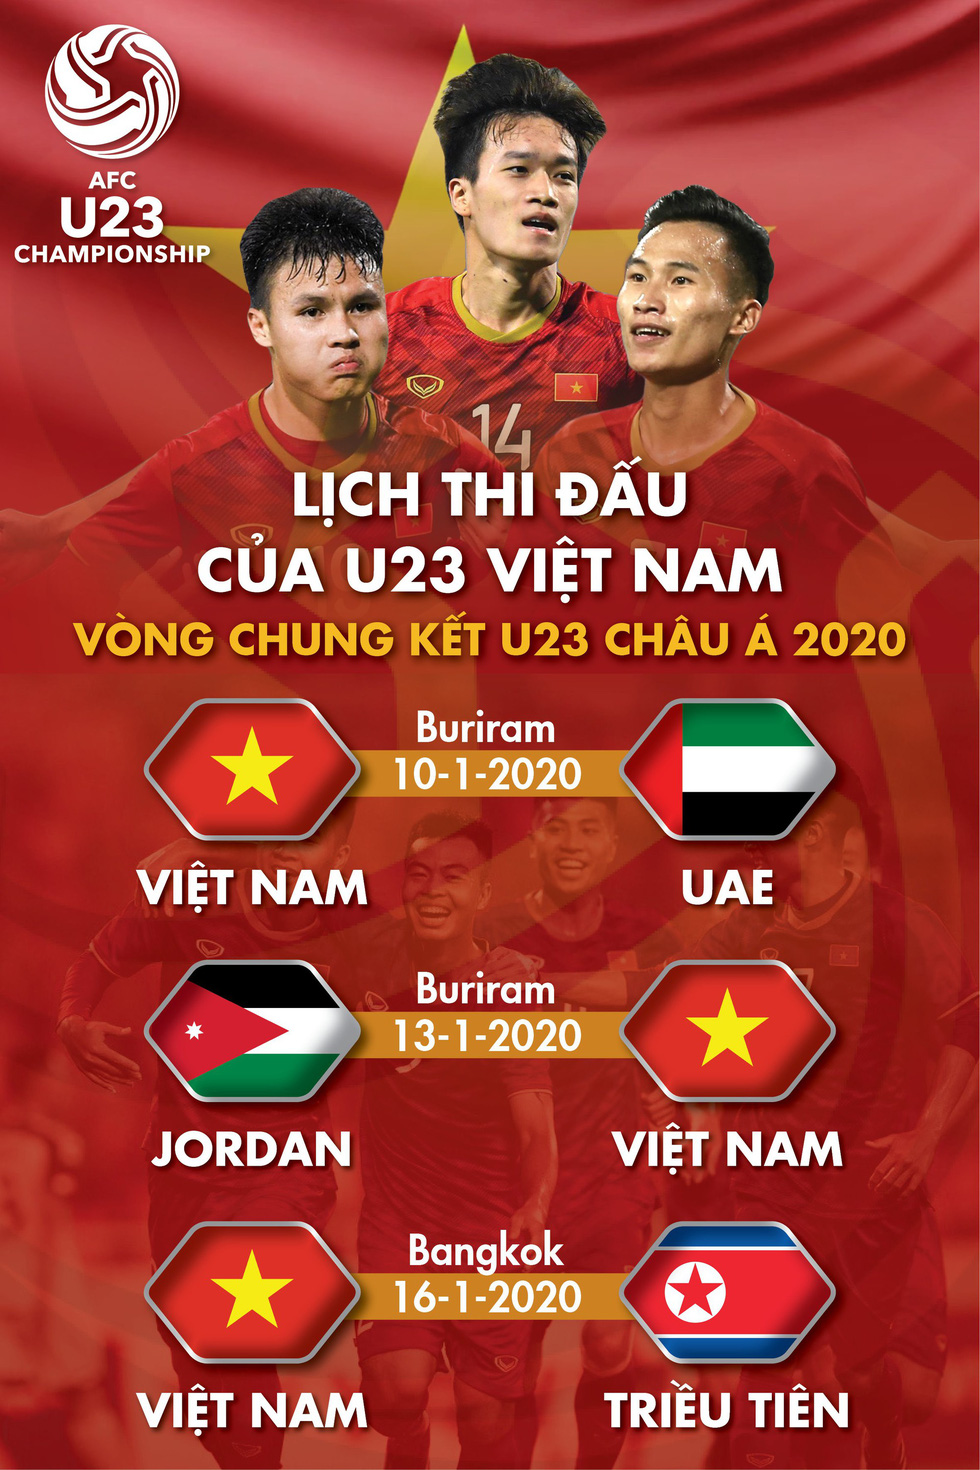 Lịch thi đấu vòng chung kết Giải U23 châu Á 2020 của U23 Việt Nam - Ảnh 1.